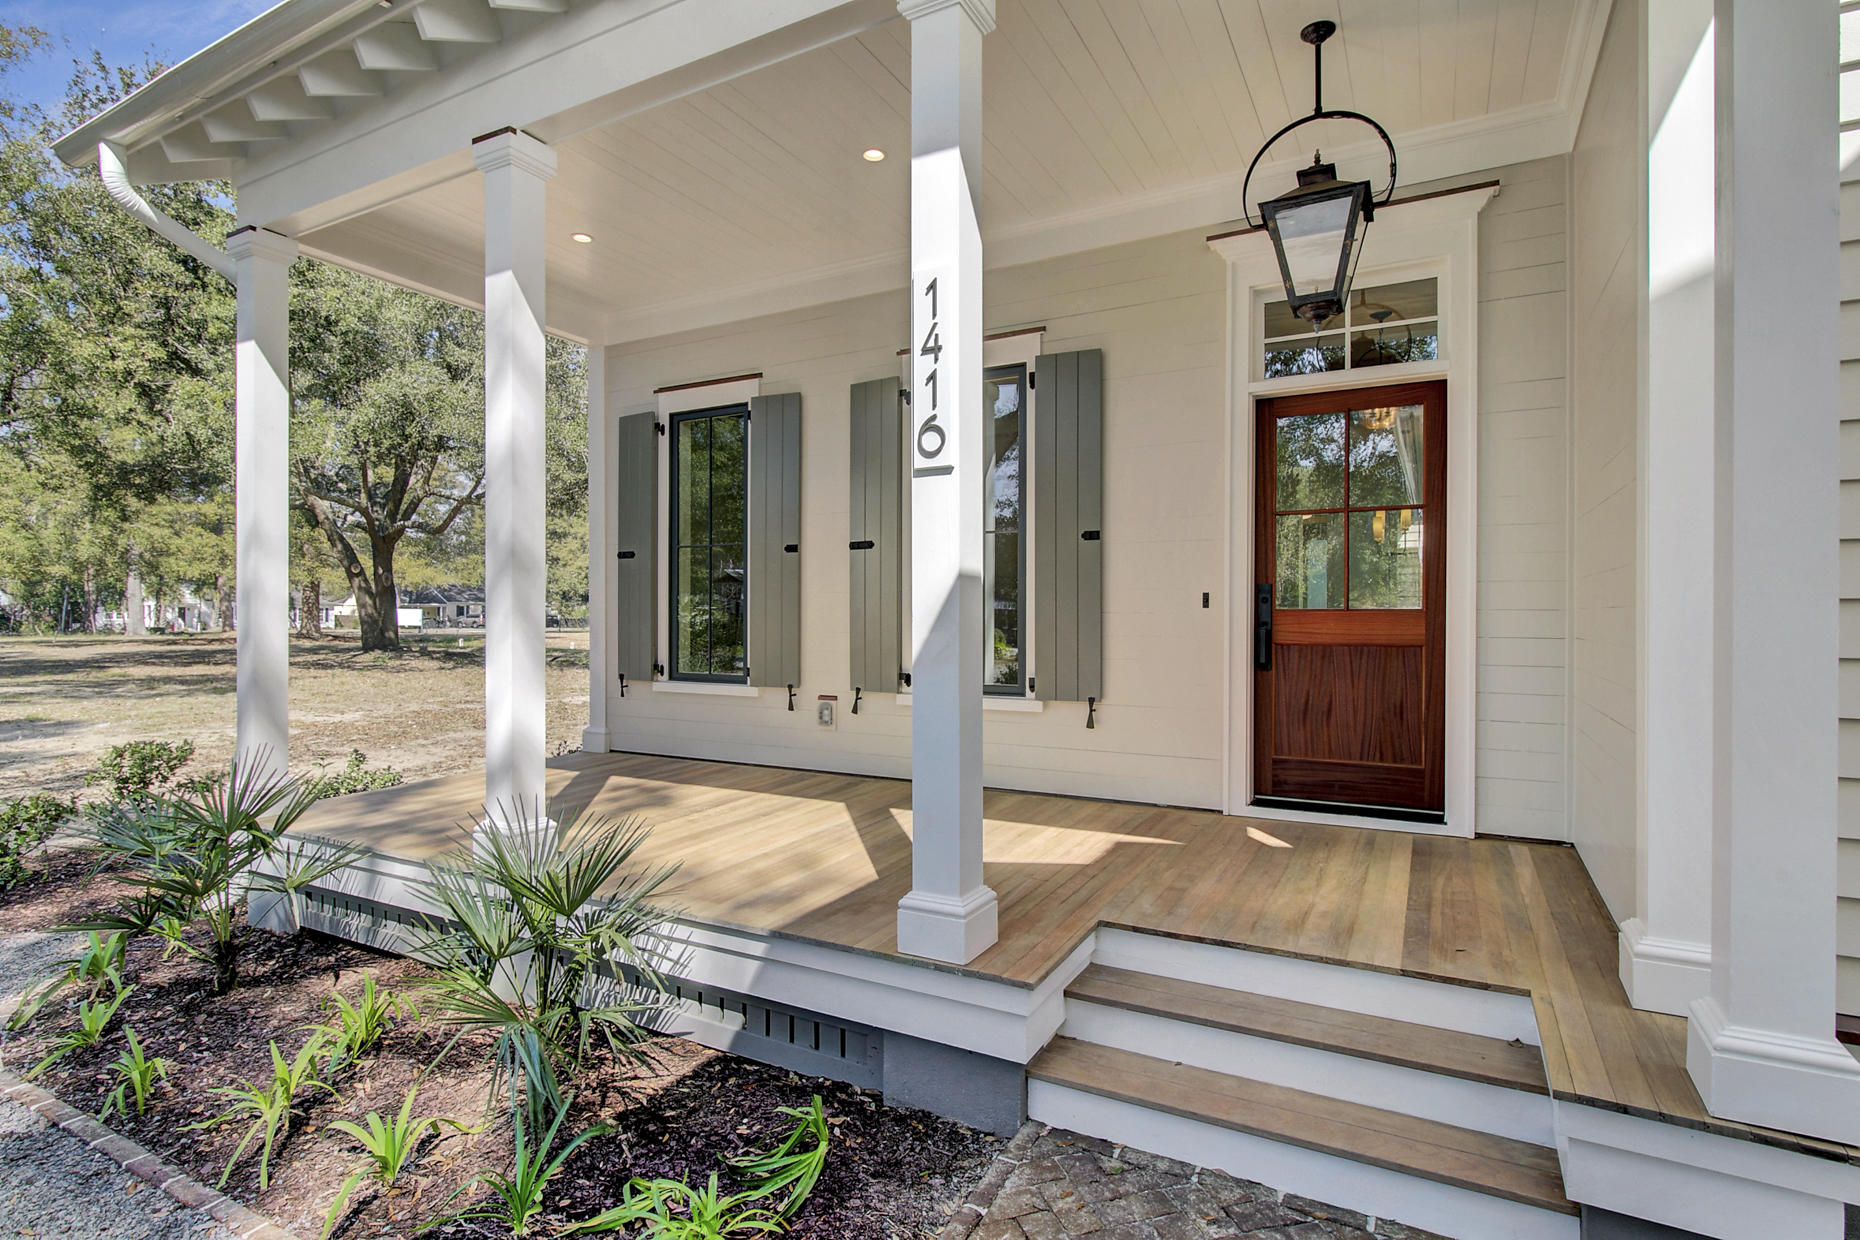 Old Mt Pleasant Homes For Sale - 1416 Jackson, Mount Pleasant, SC - 47